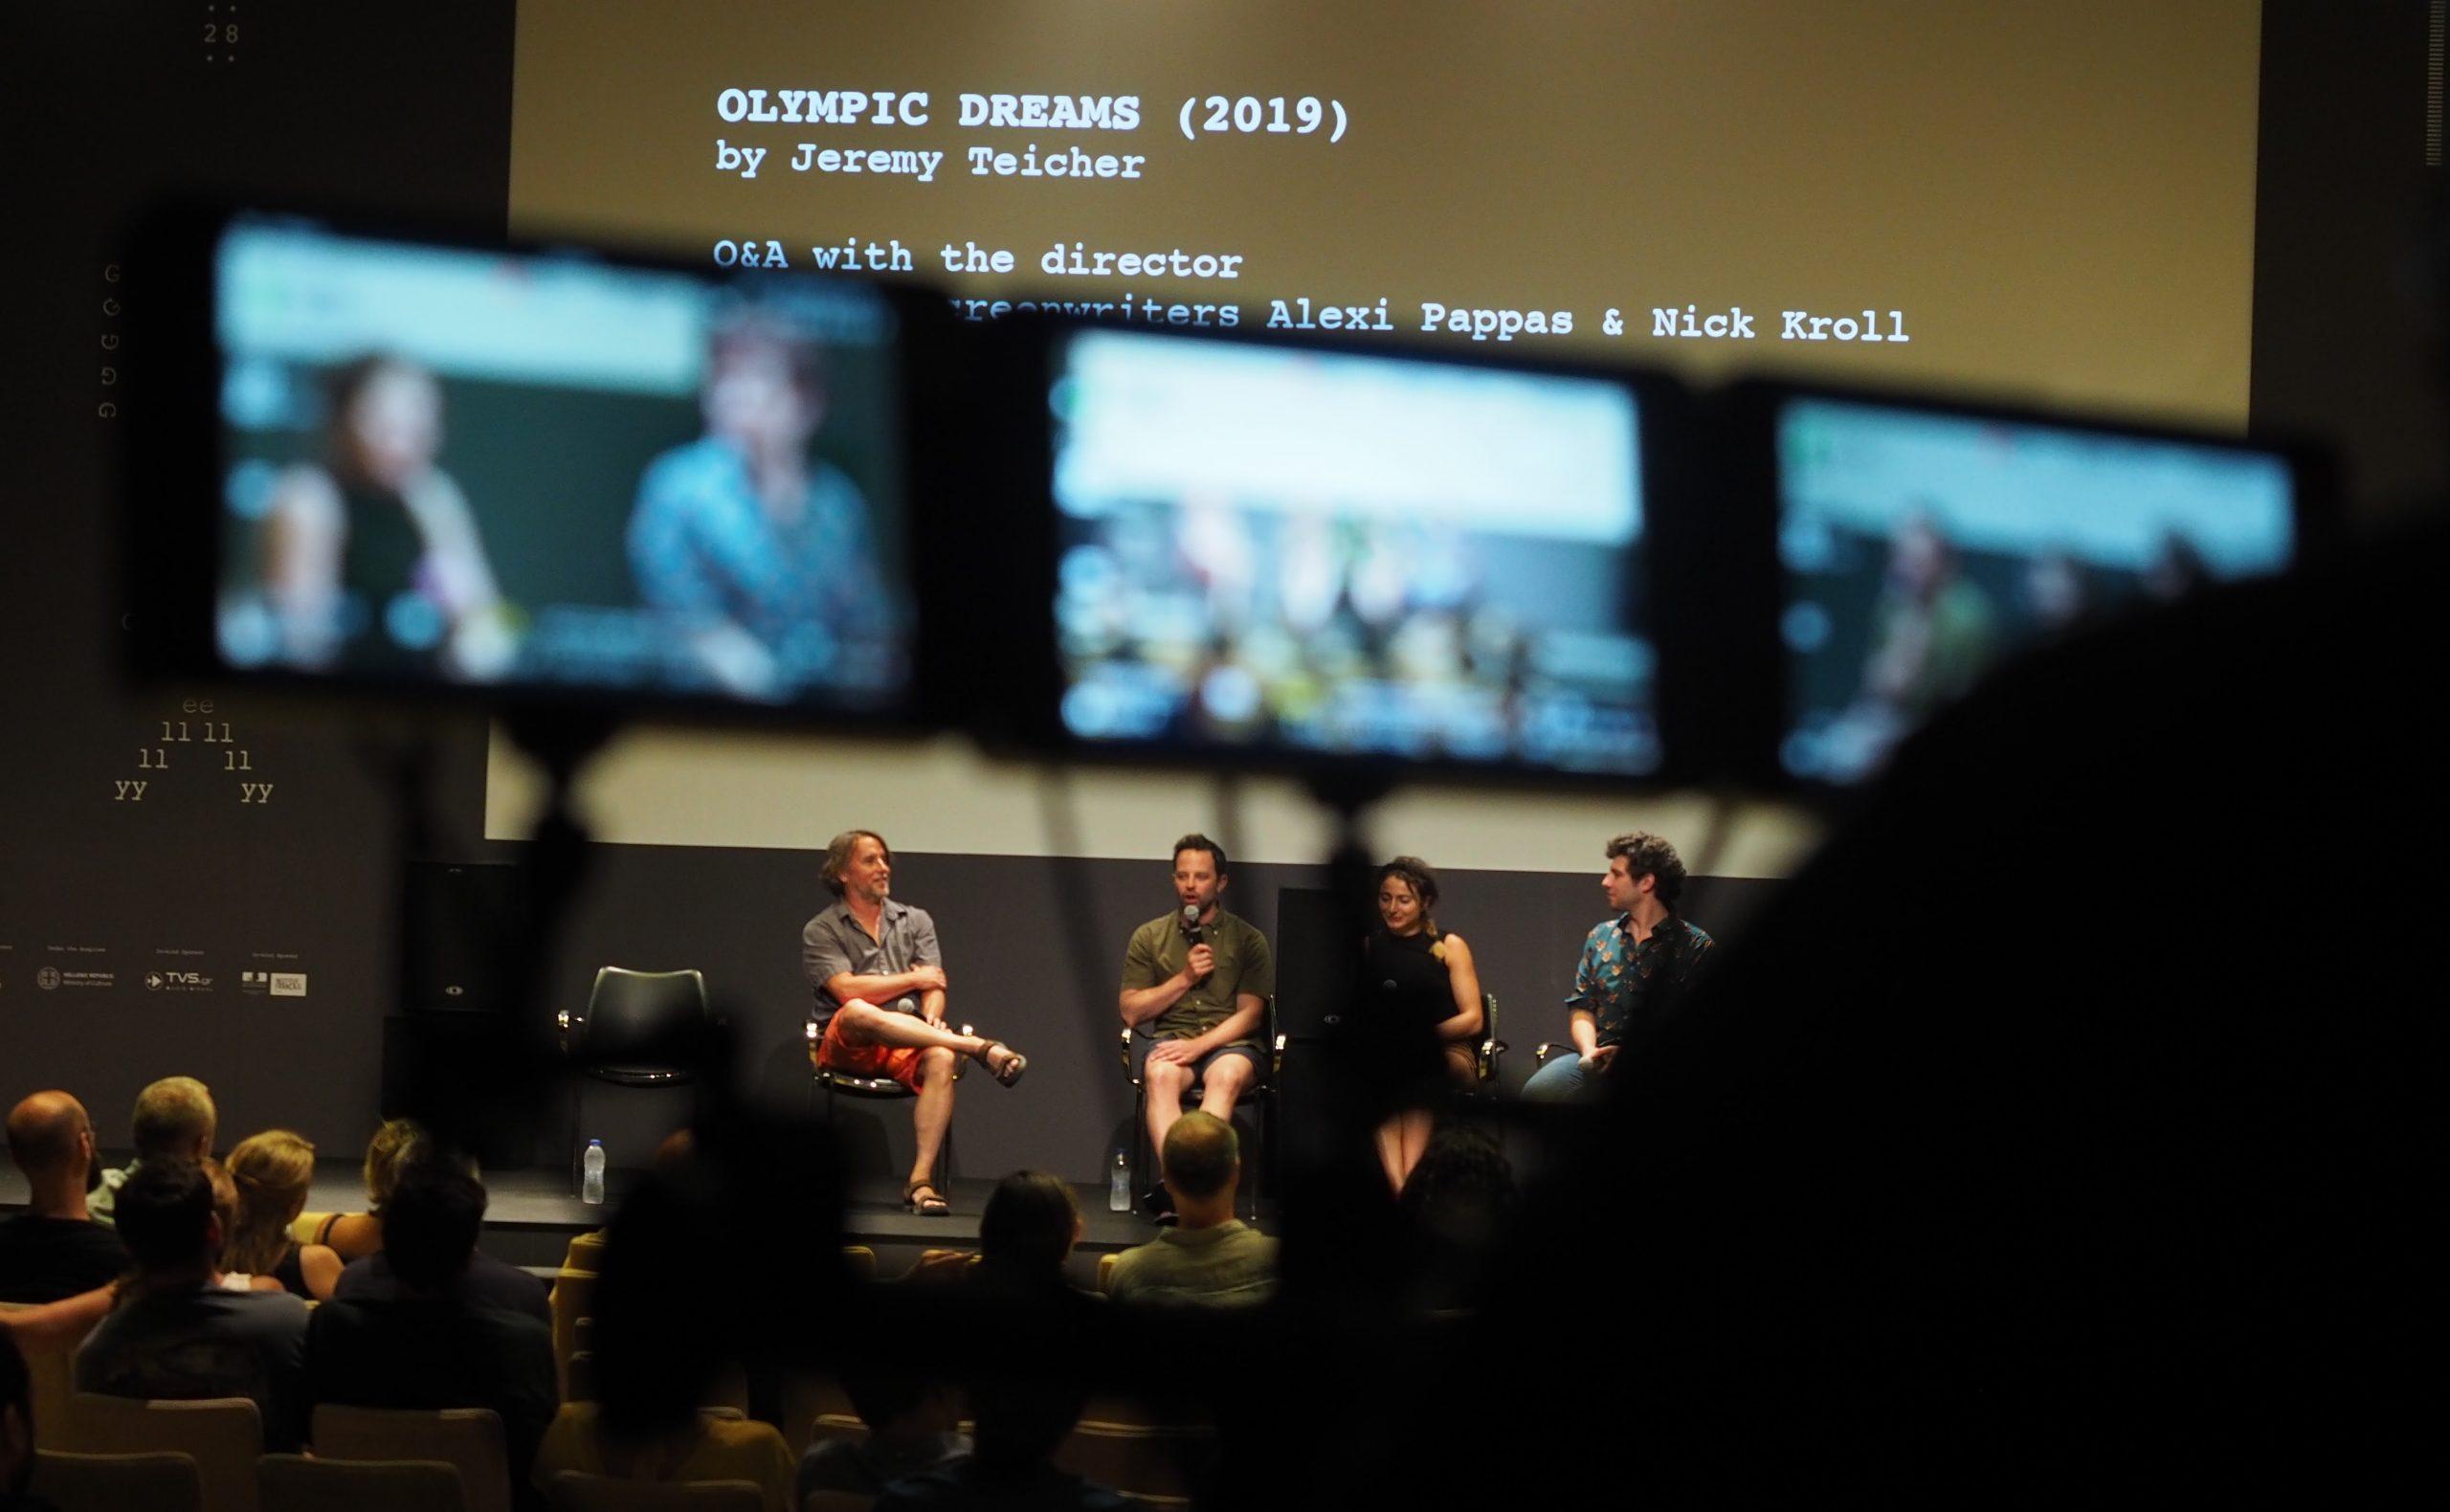 Oxbelly: Εργαστήριο Σεναρίου και Σκηνοθεσίας περιμένει το δικό σου σενάριο - Γιατί όχι;